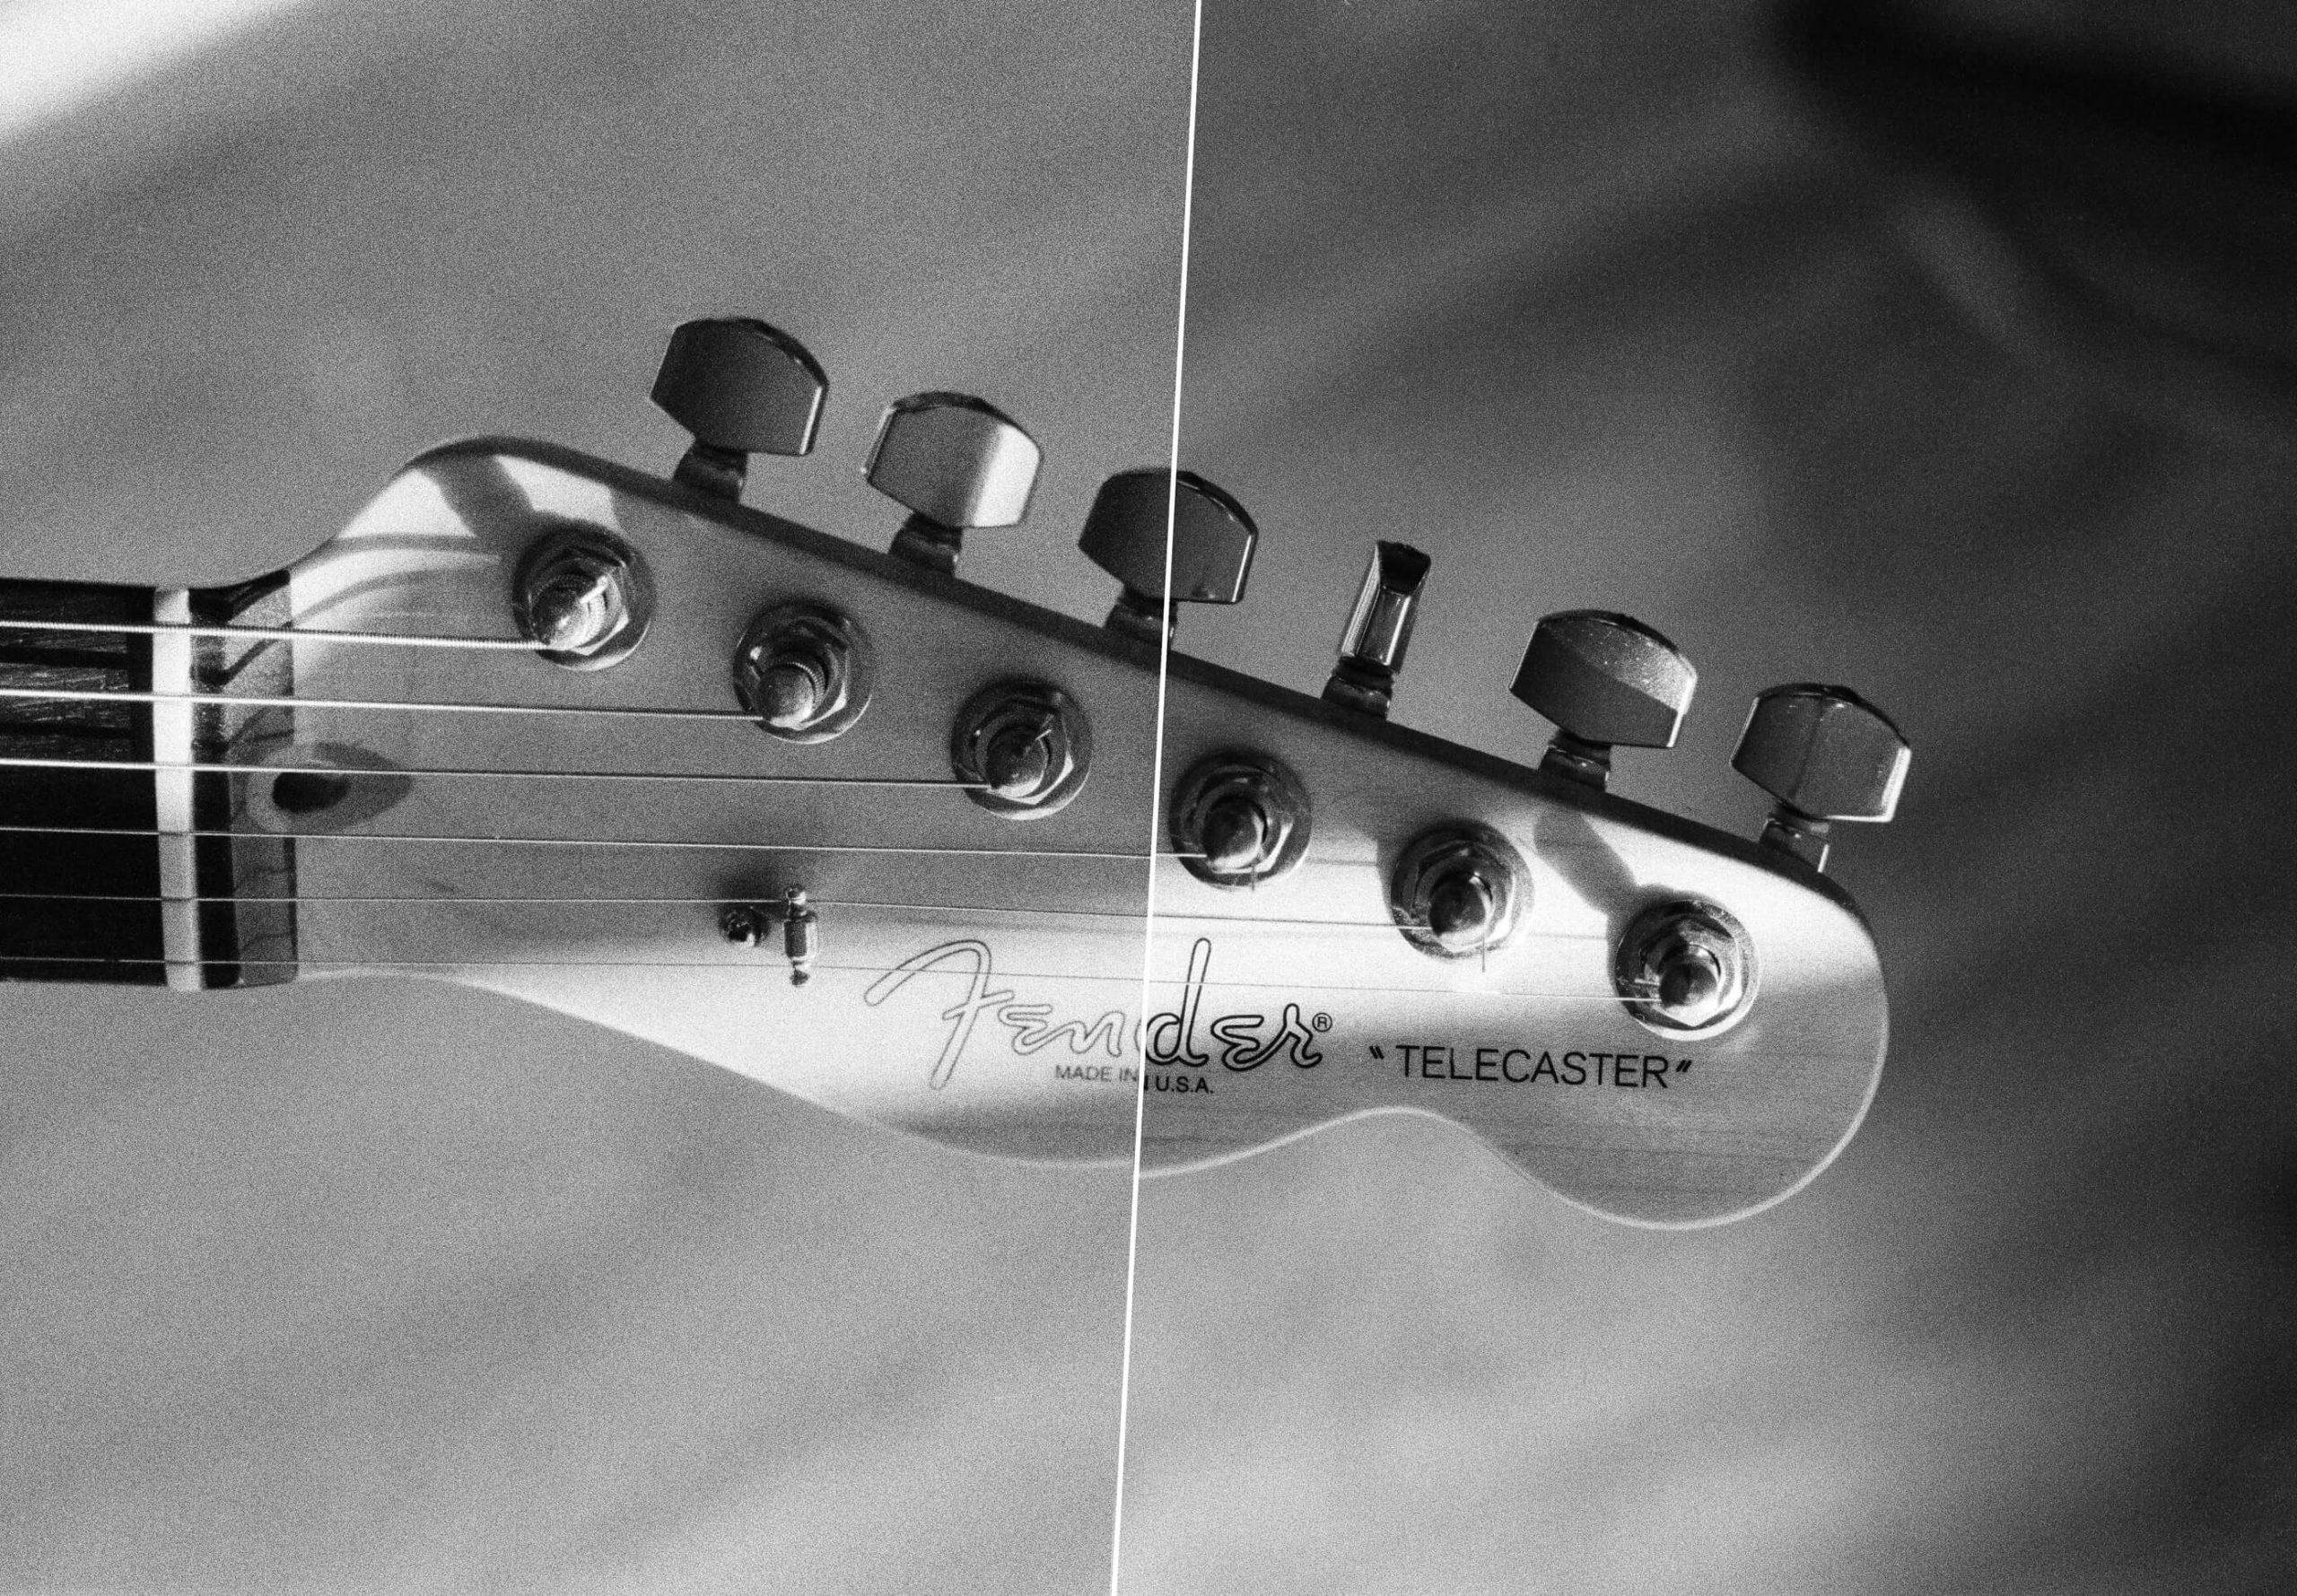 Delta 3200 vs T-MAX P3200 Guitar Photo